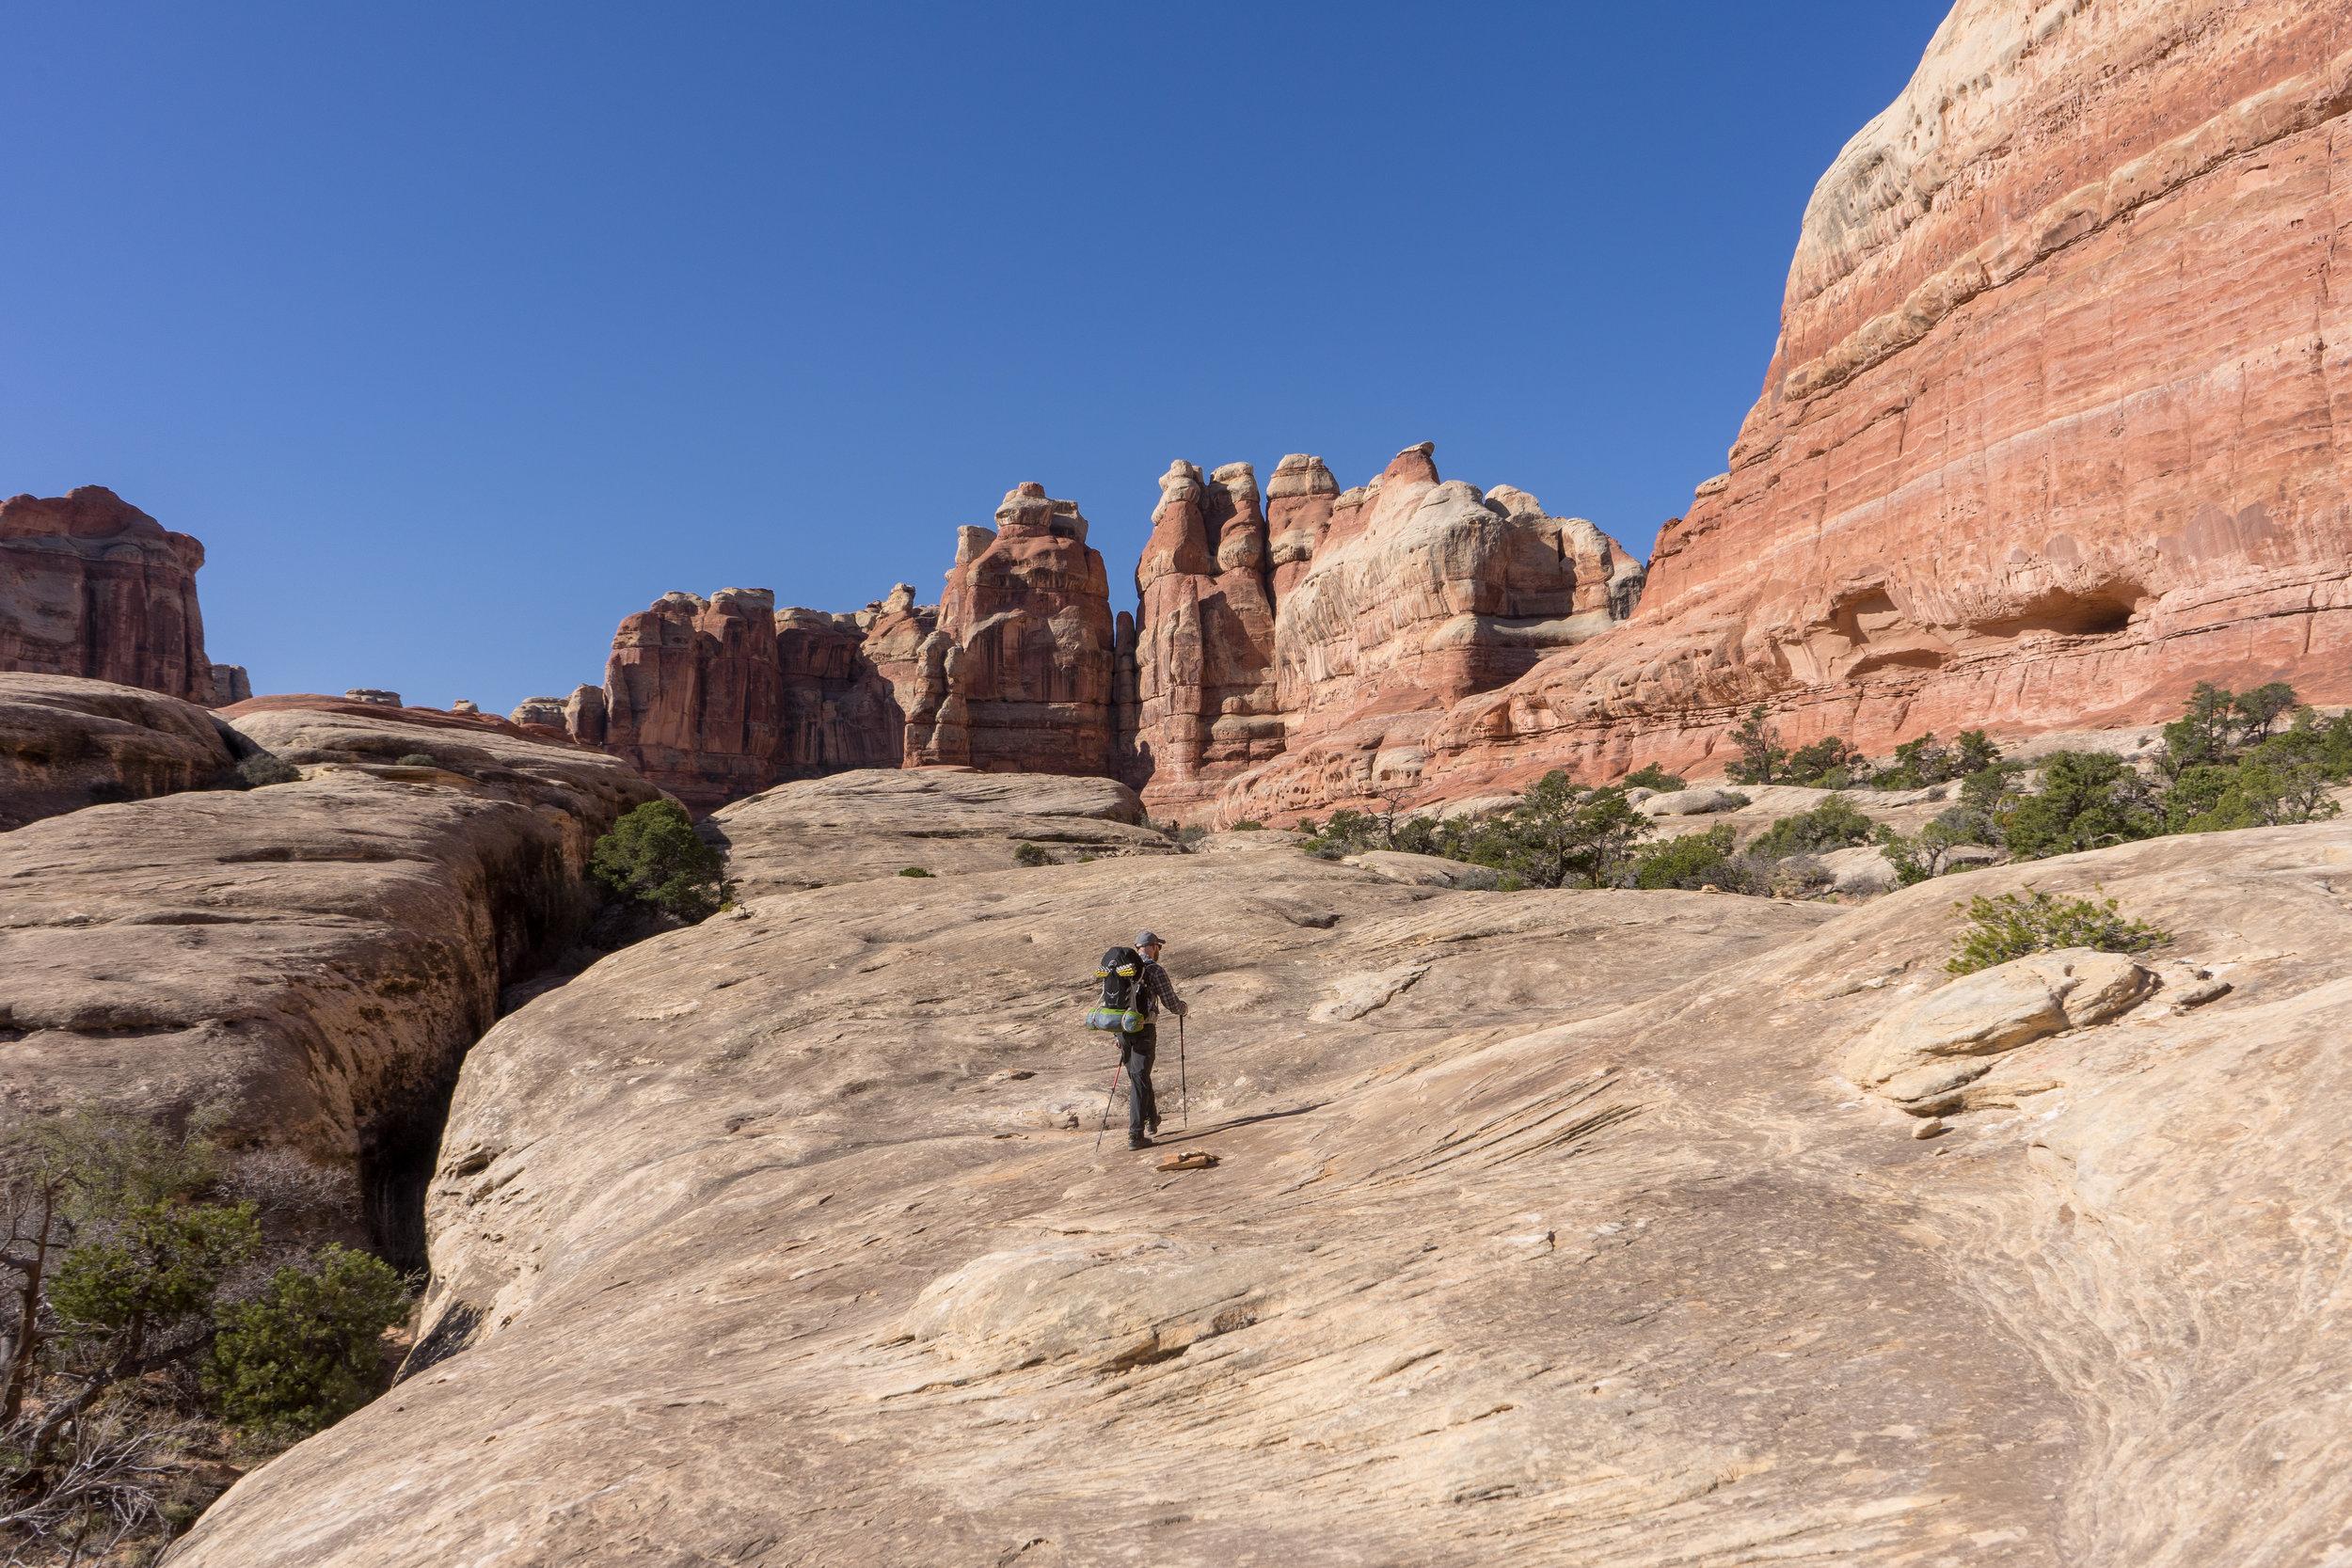 Hiking through canyons